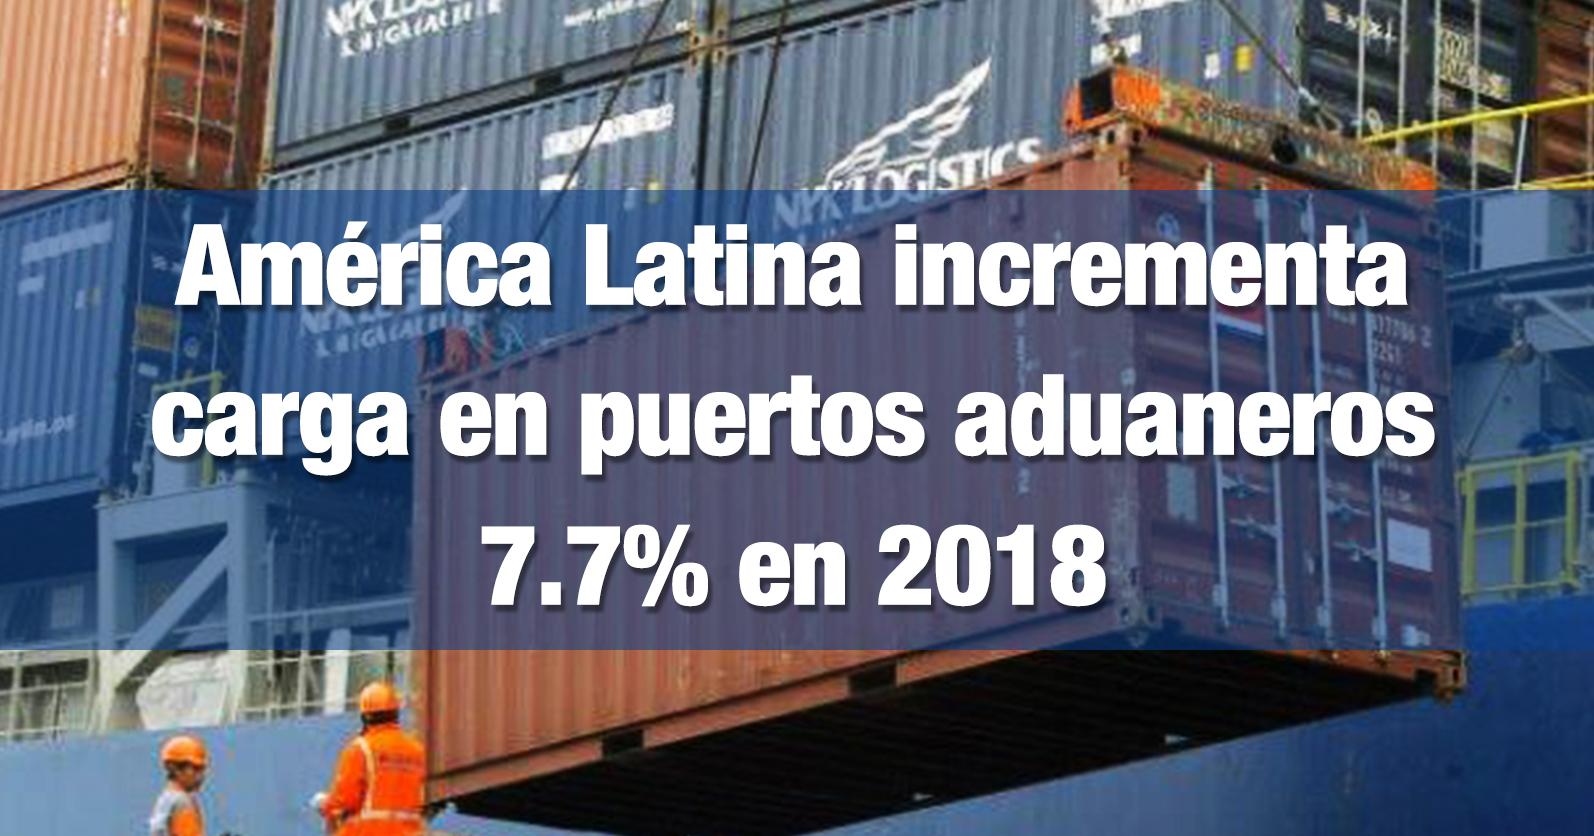 América Latina incrementa carga en puertos aduaneros 7.7% en 2018